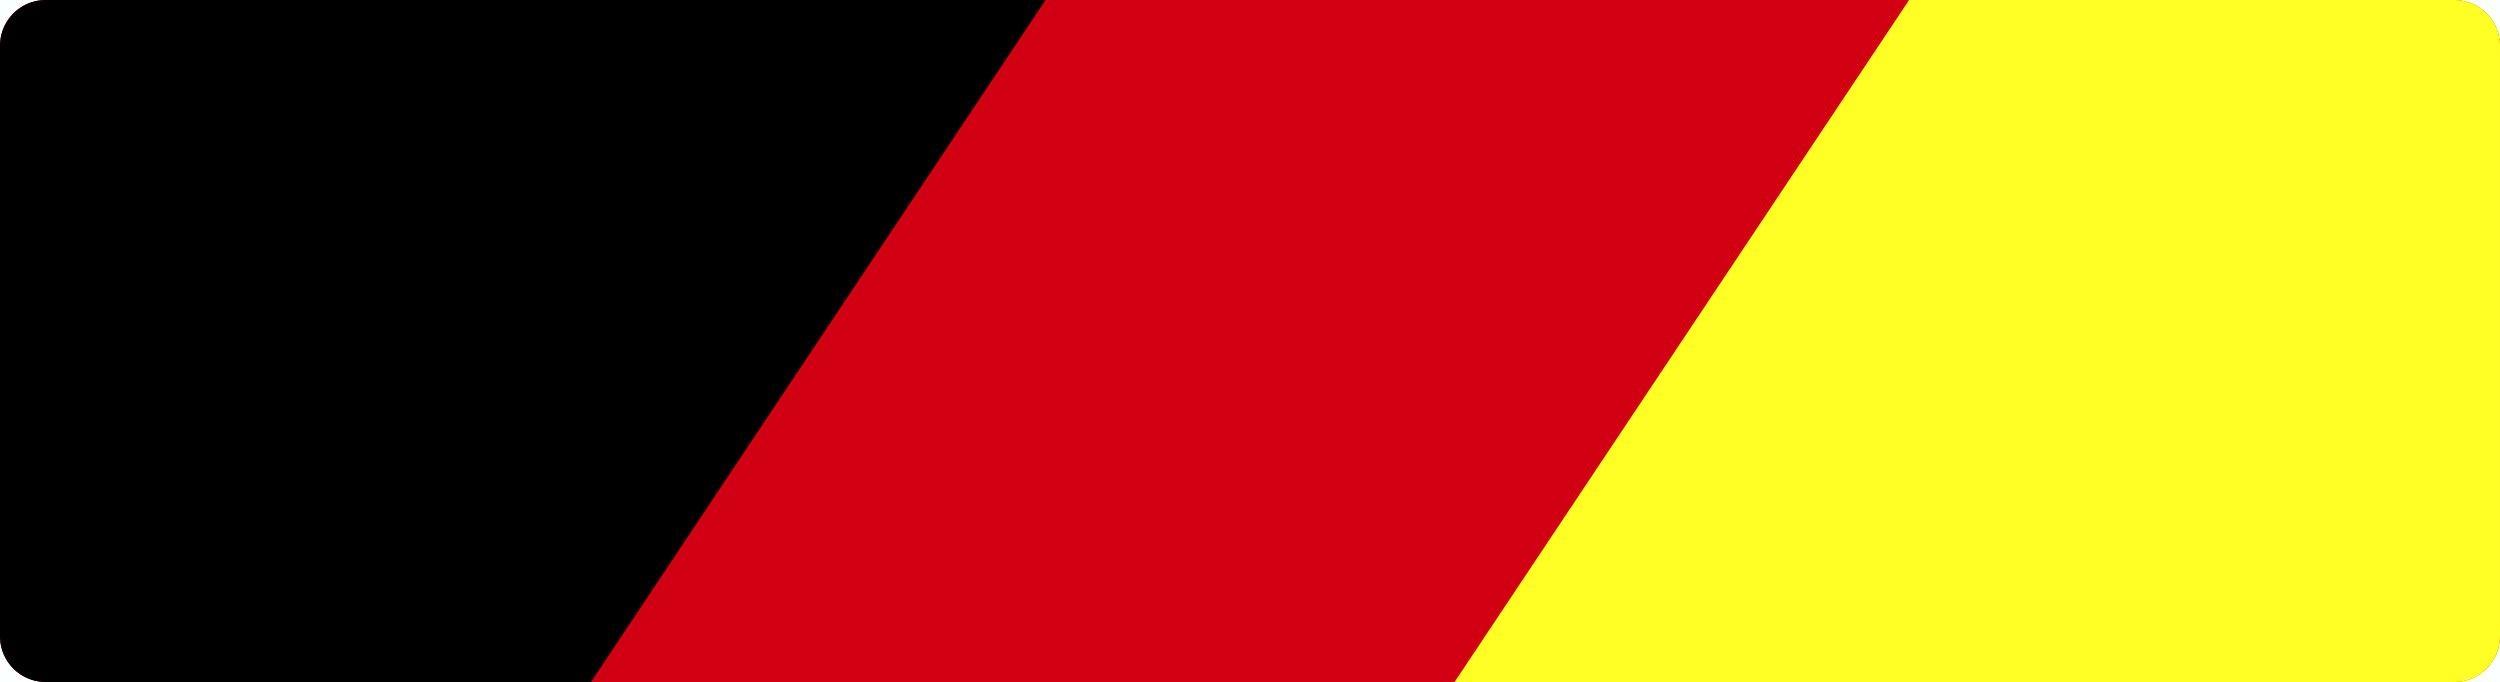 Aufkleber Deutschland Flagge Dimension 15 x 55 mm Deutschland Fanartikel Olympia – Bild 1